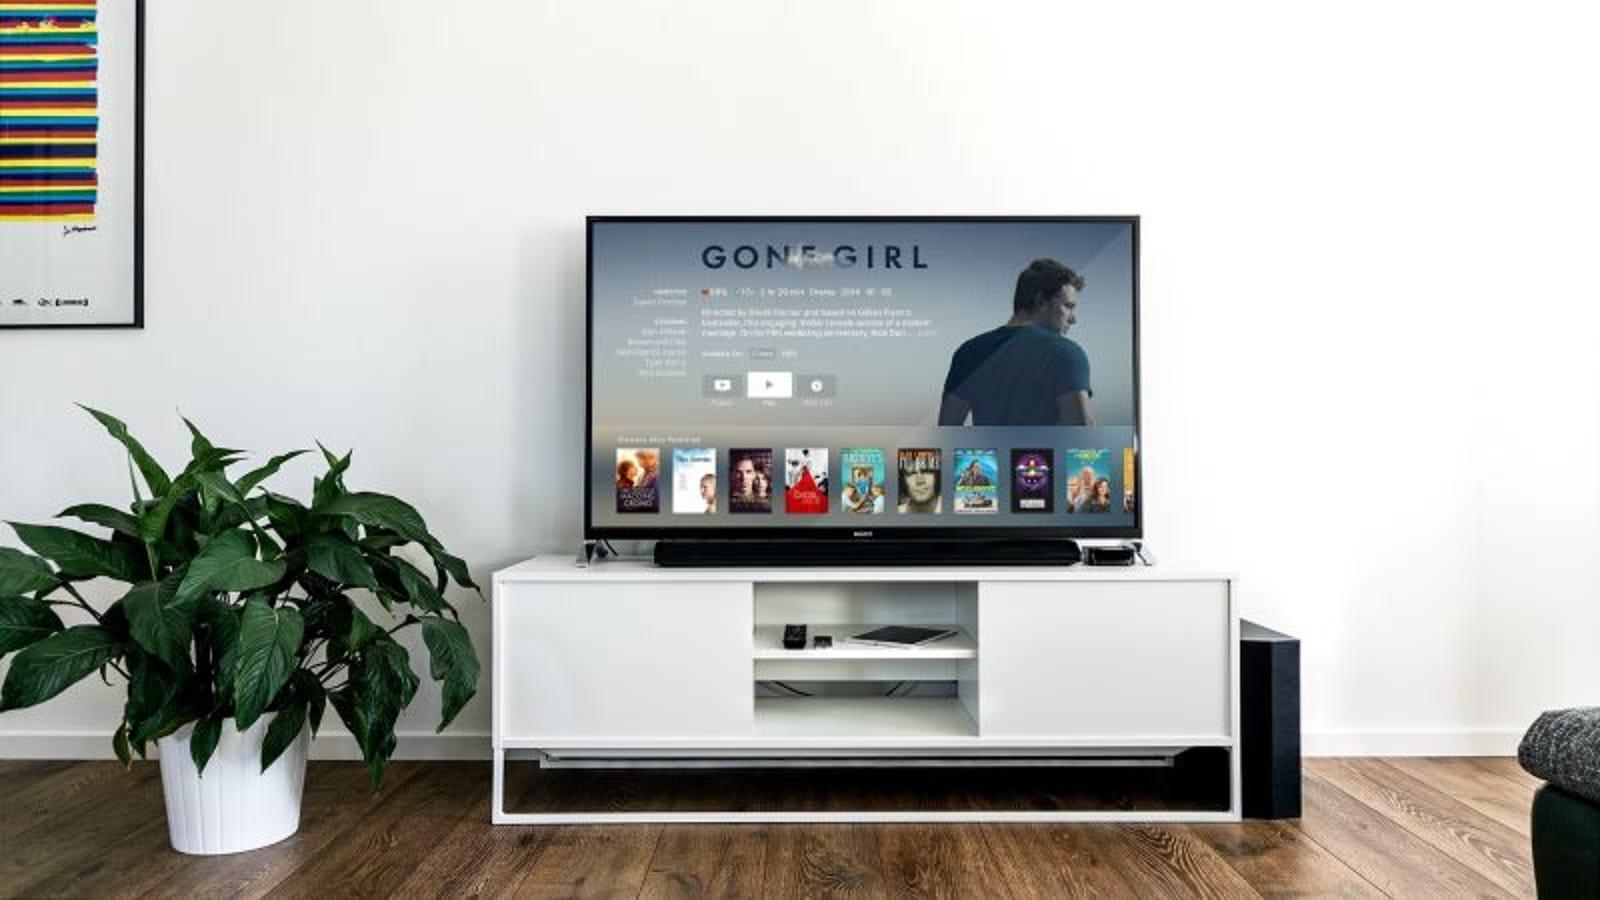 Cómo cambiar los ajustes de fábrica de tu televisor para que la imagen se vea perfecta